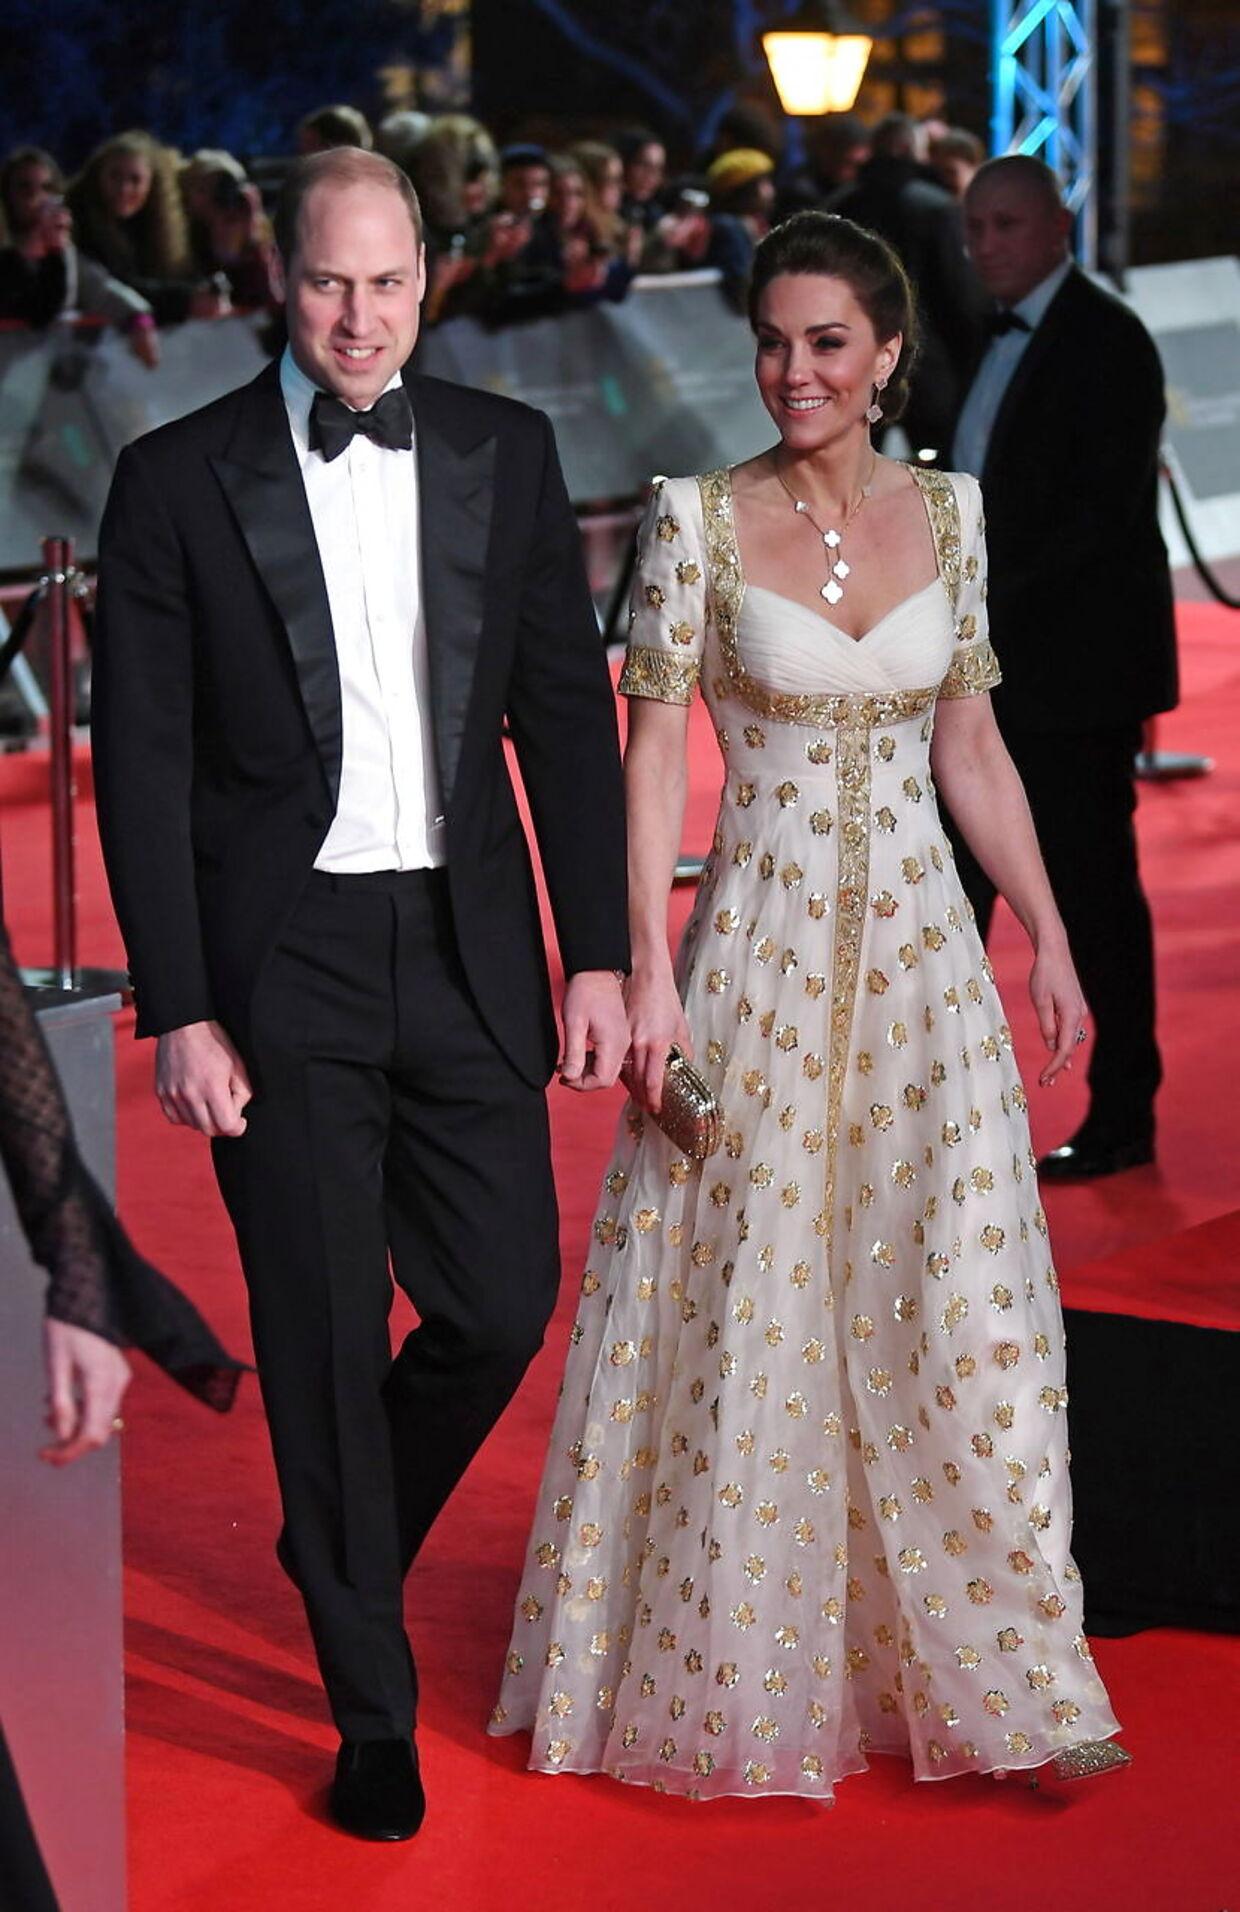 Her ses hertugen og hertuginden af Cambridge, da de ankommer til BAFTA-uddelingen. Hertuginde Kate var i en kjole, hun også har brugt tidligere.